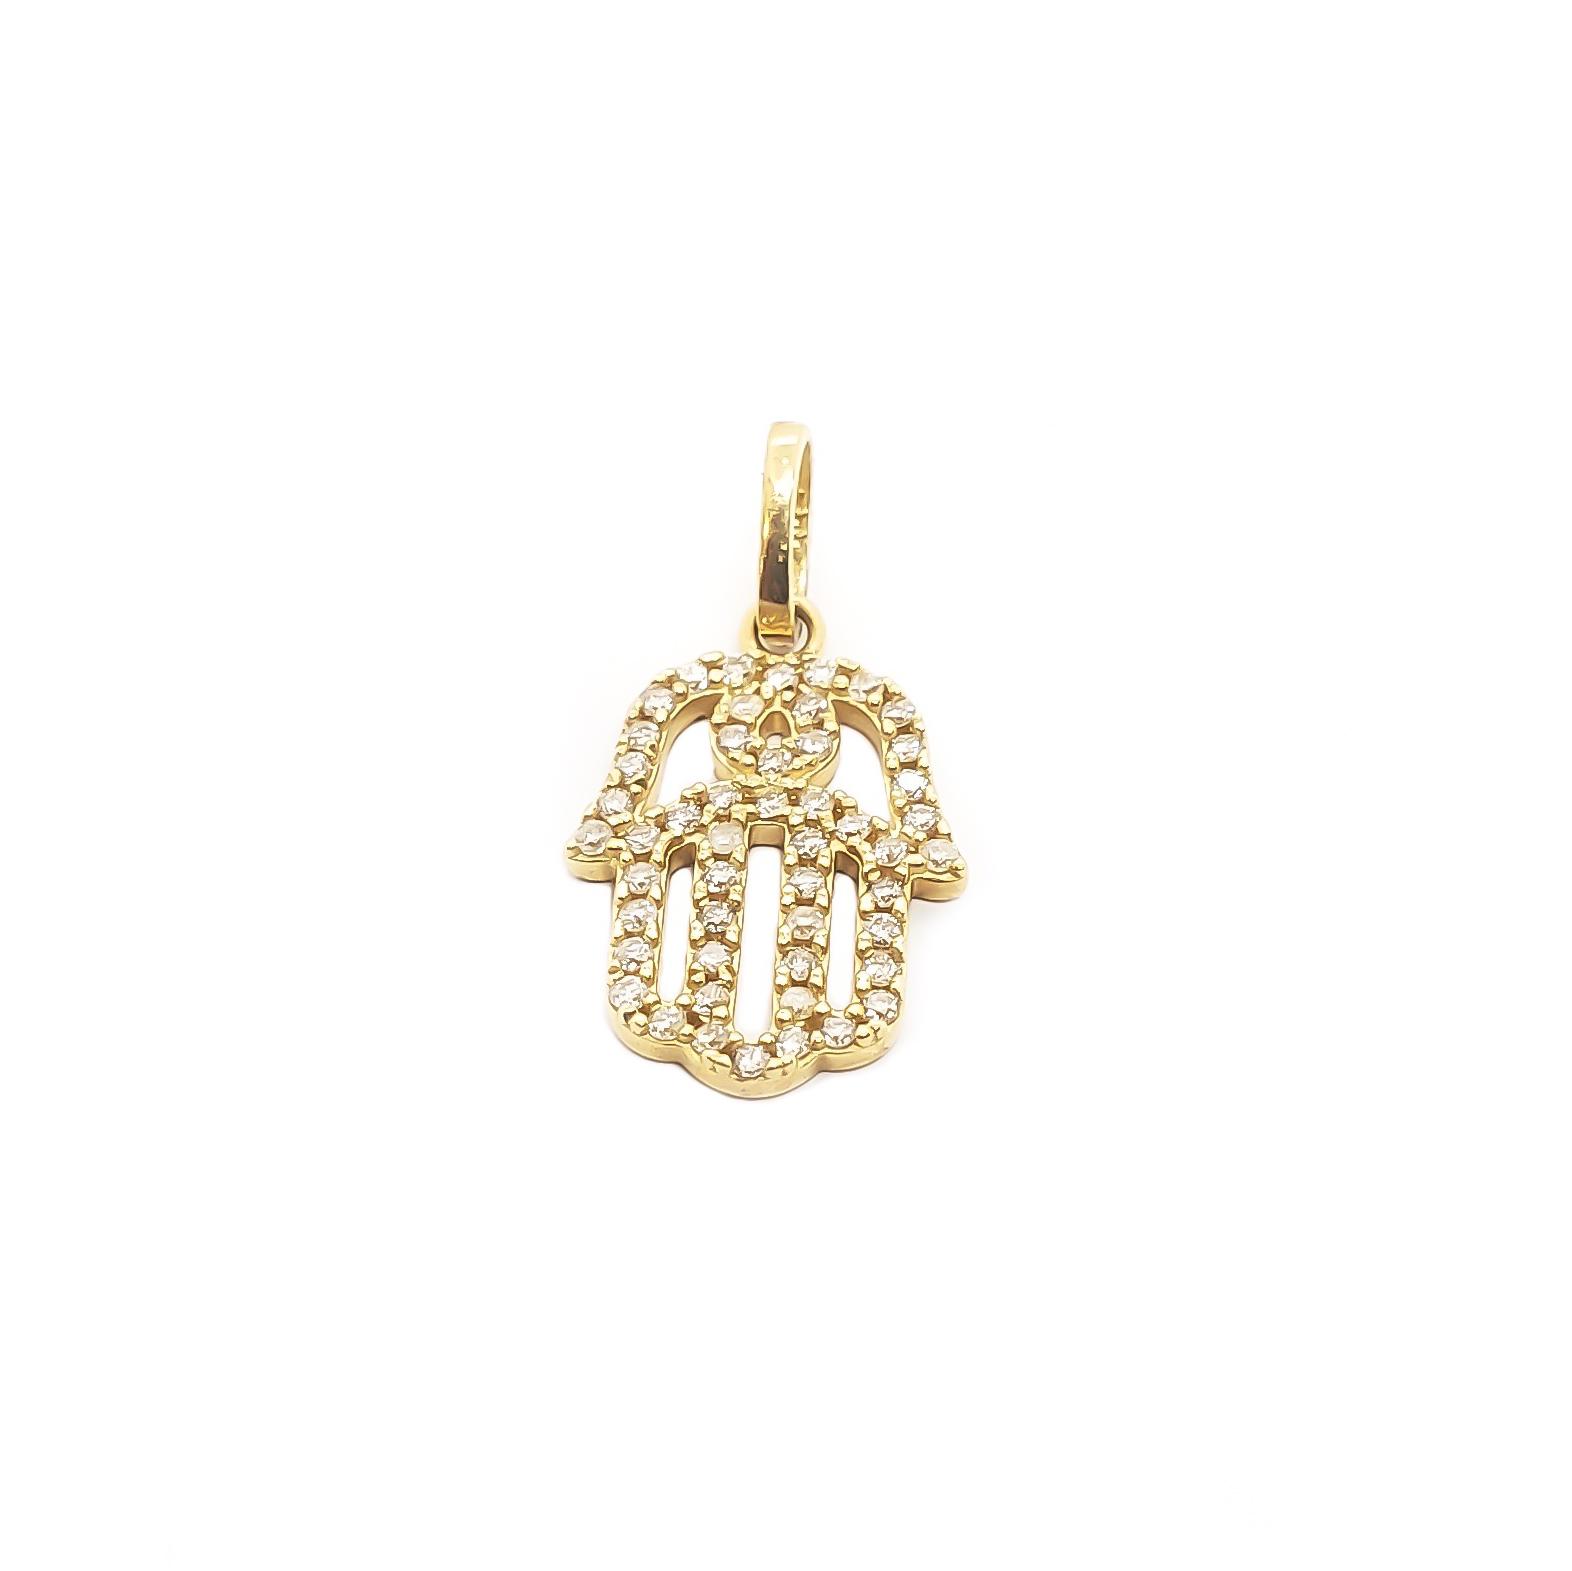 Pingente Hamsa em Ouro 18k com Diamantes